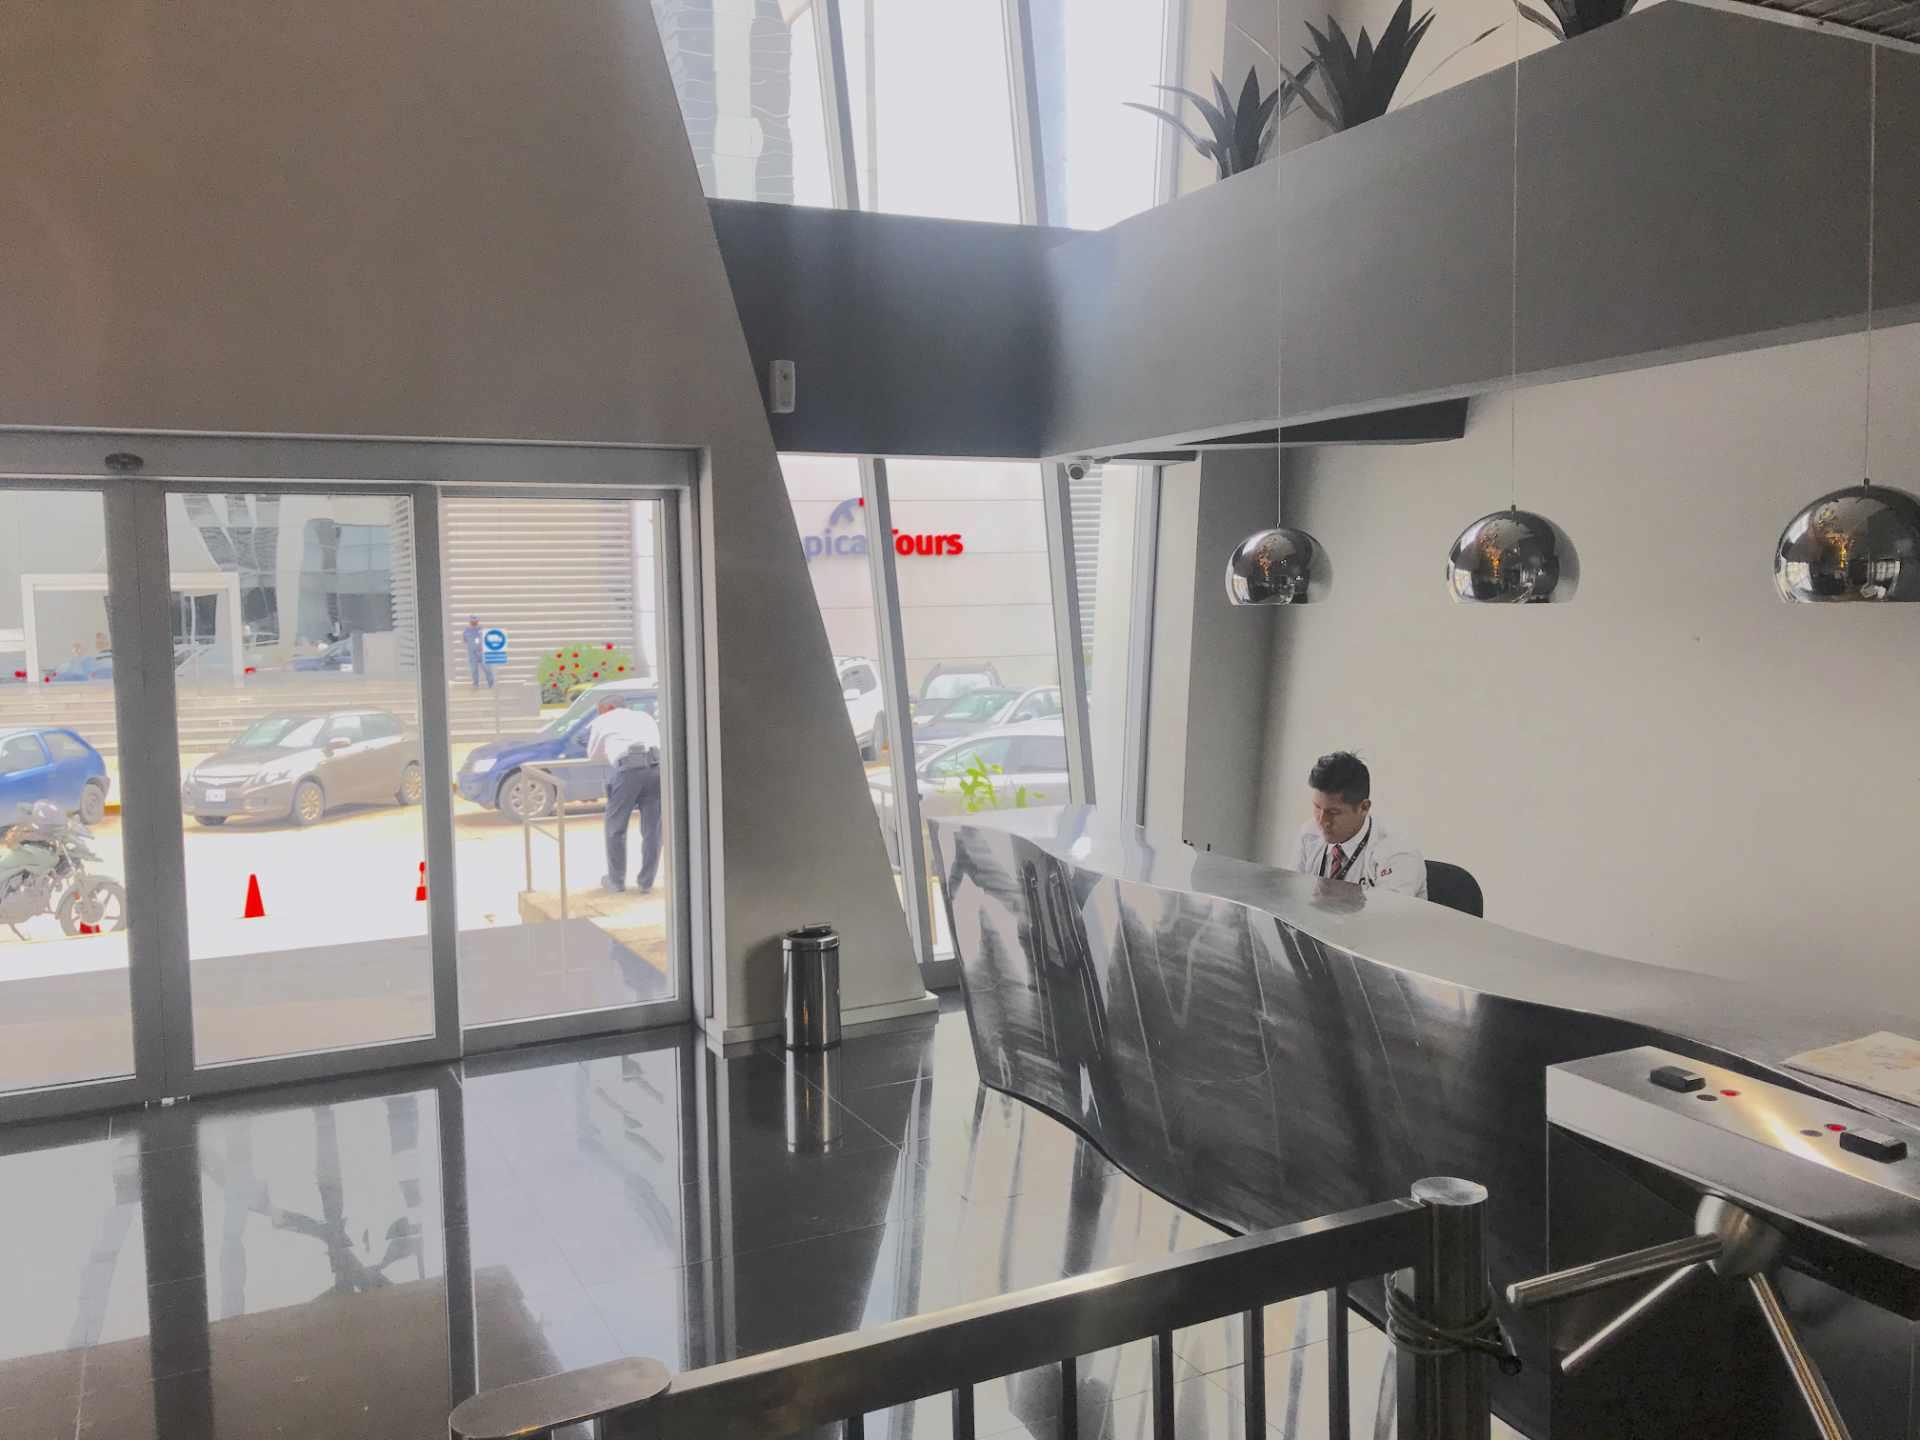 Oficina en Venta Torre de Negocios ALAS. Equipetrol Norte zona Empresarial, Av. San Martín entre 3er y 4to anillo.  Foto 8